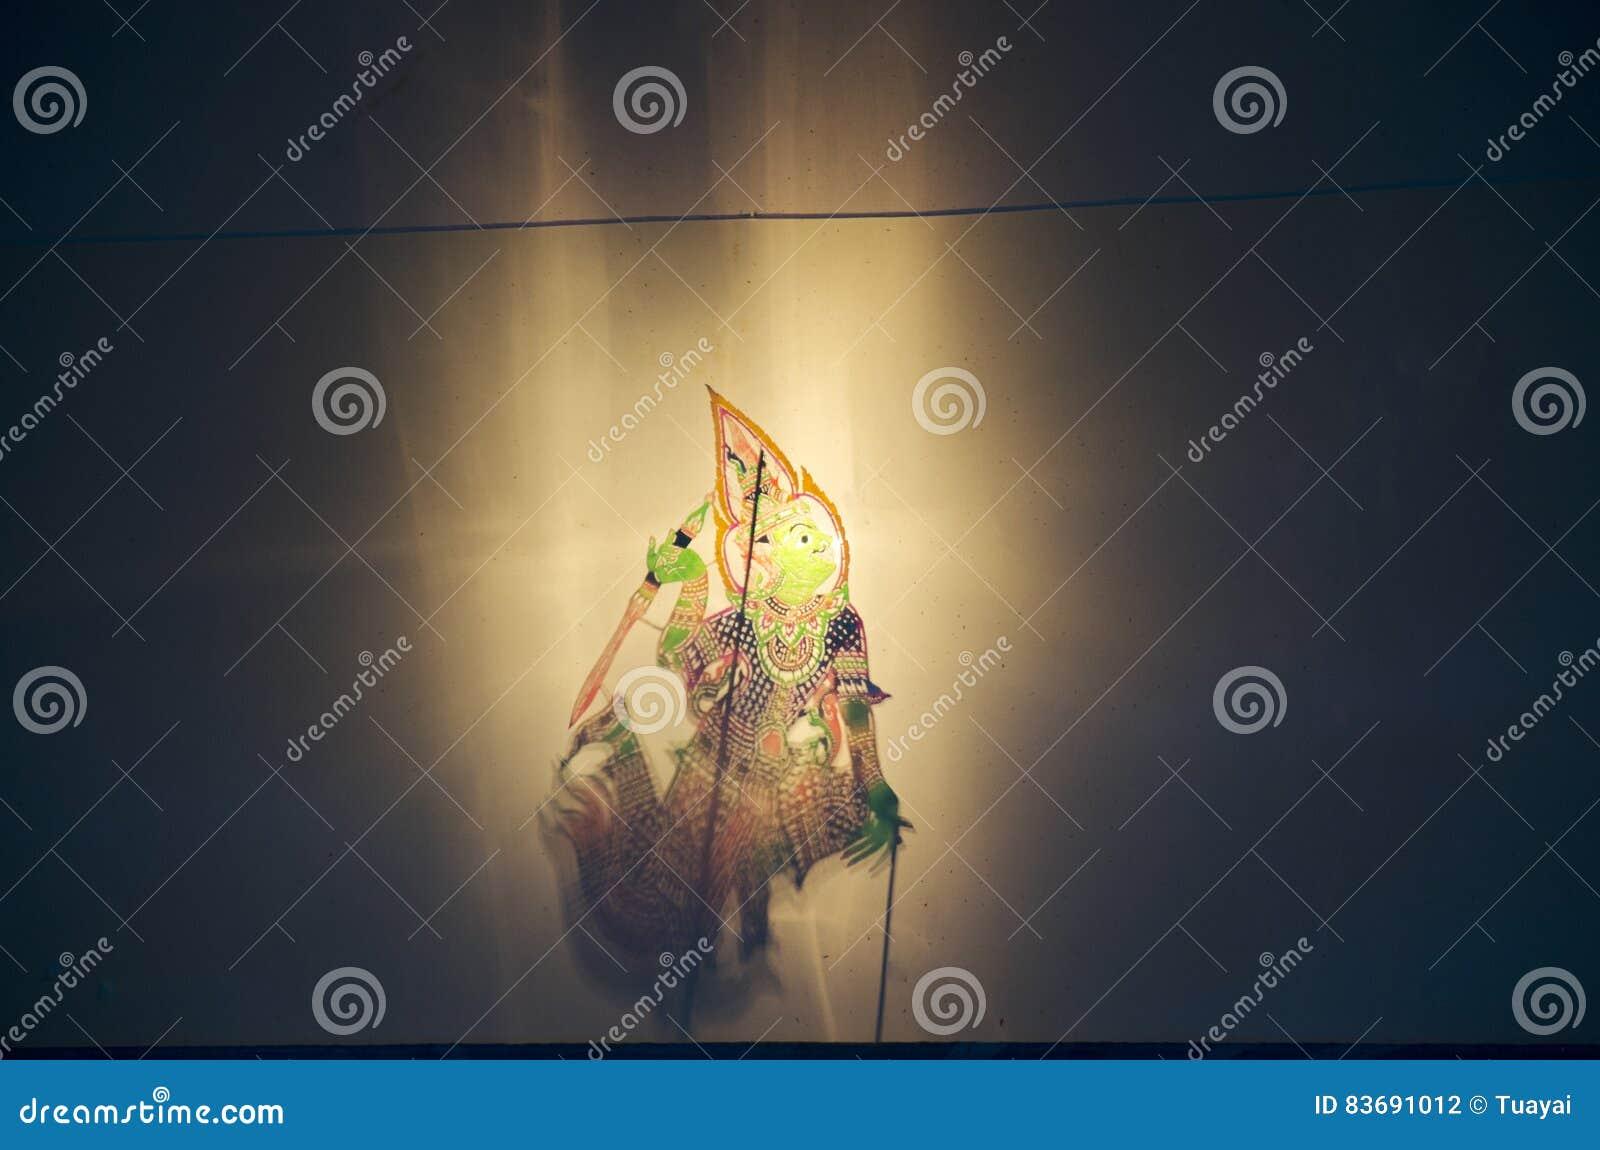 称Thai的阴影木偶Nang Talung是公众en的一个形式